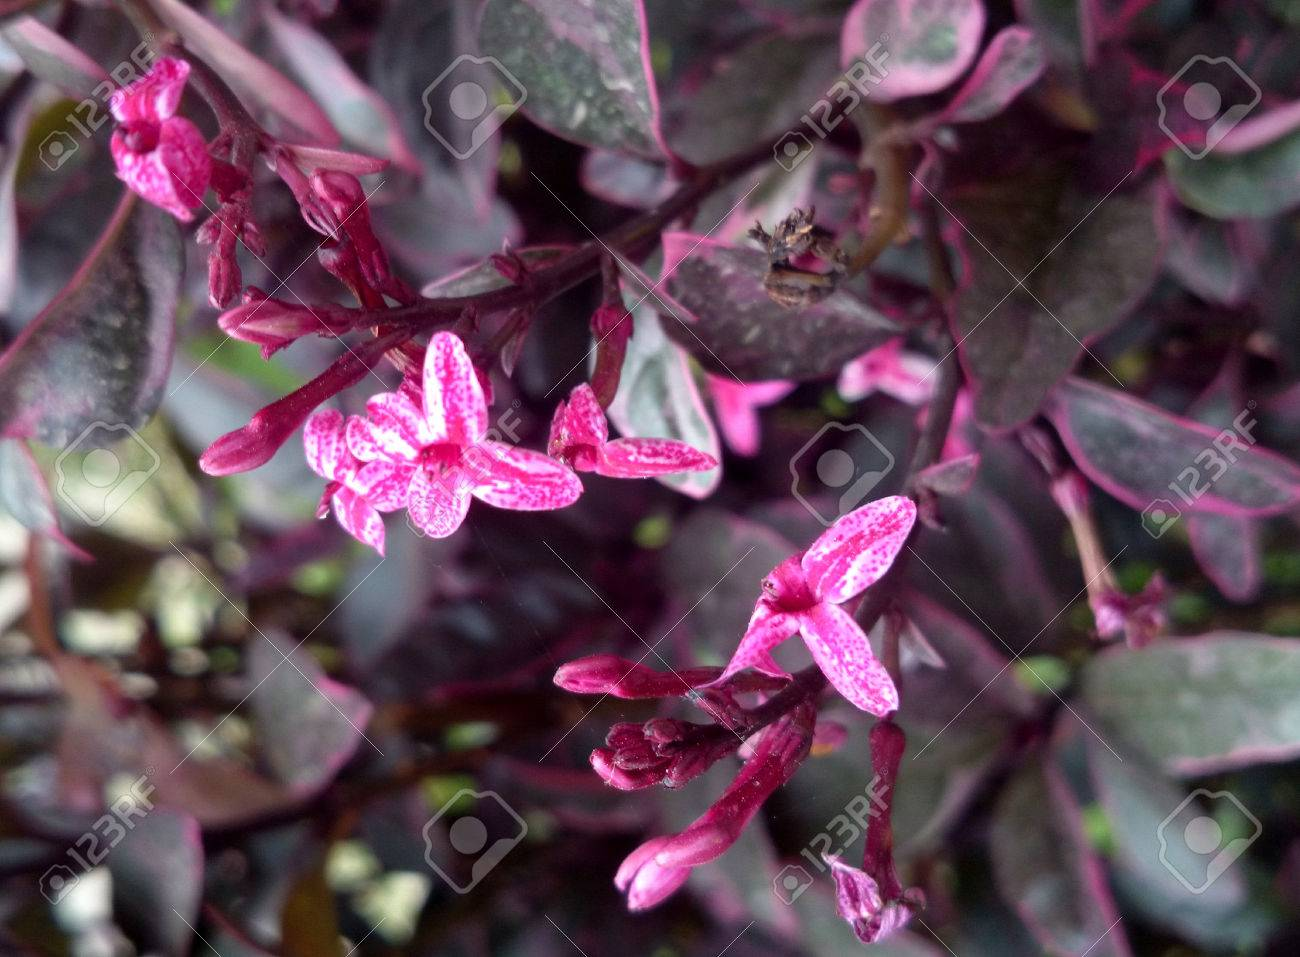 Pseuderanthemum atropurpureum purple false eranthemum family pseuderanthemum atropurpureum purple false eranthemum family acanthaceae ornamental shrub with purple leaves mottled dhlflorist Choice Image